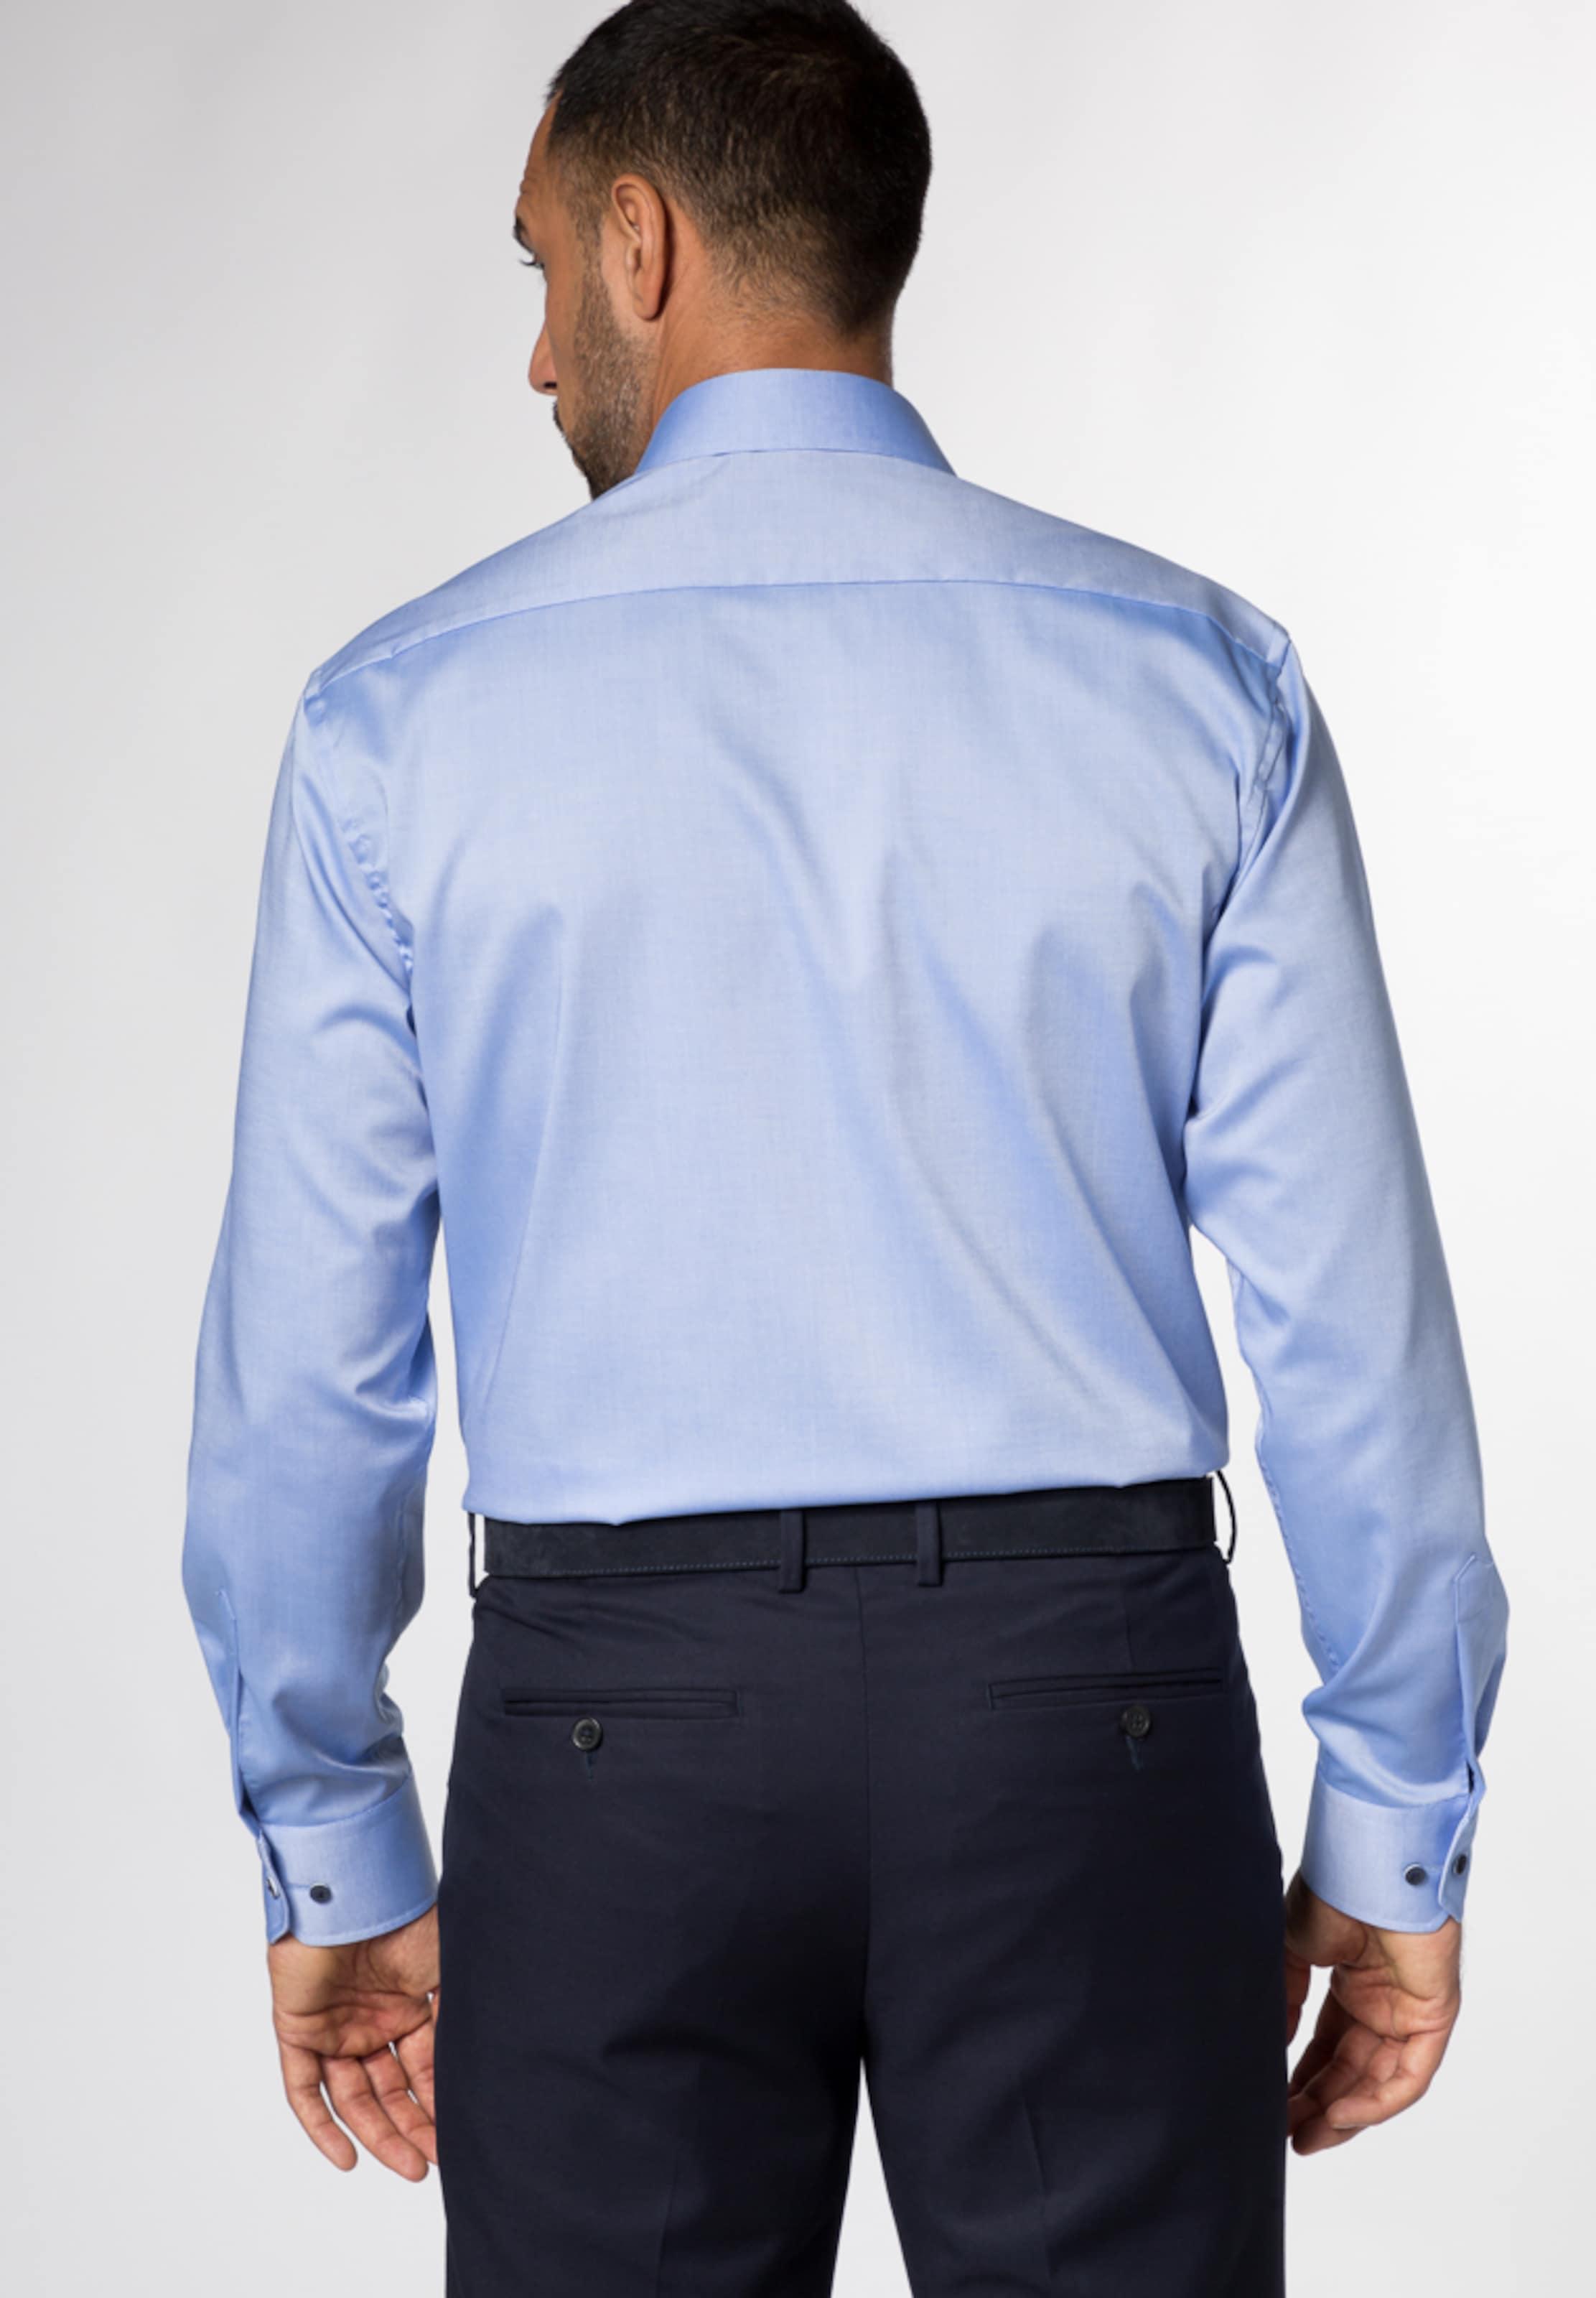 Billig Verkauf Erhalten Authentisch ETERNA Langarm Hemd 'COMFORT FIT' Billig Unter 70 Dollar Lieferung Frei Haus Mit Paypal z7V5O0bPT